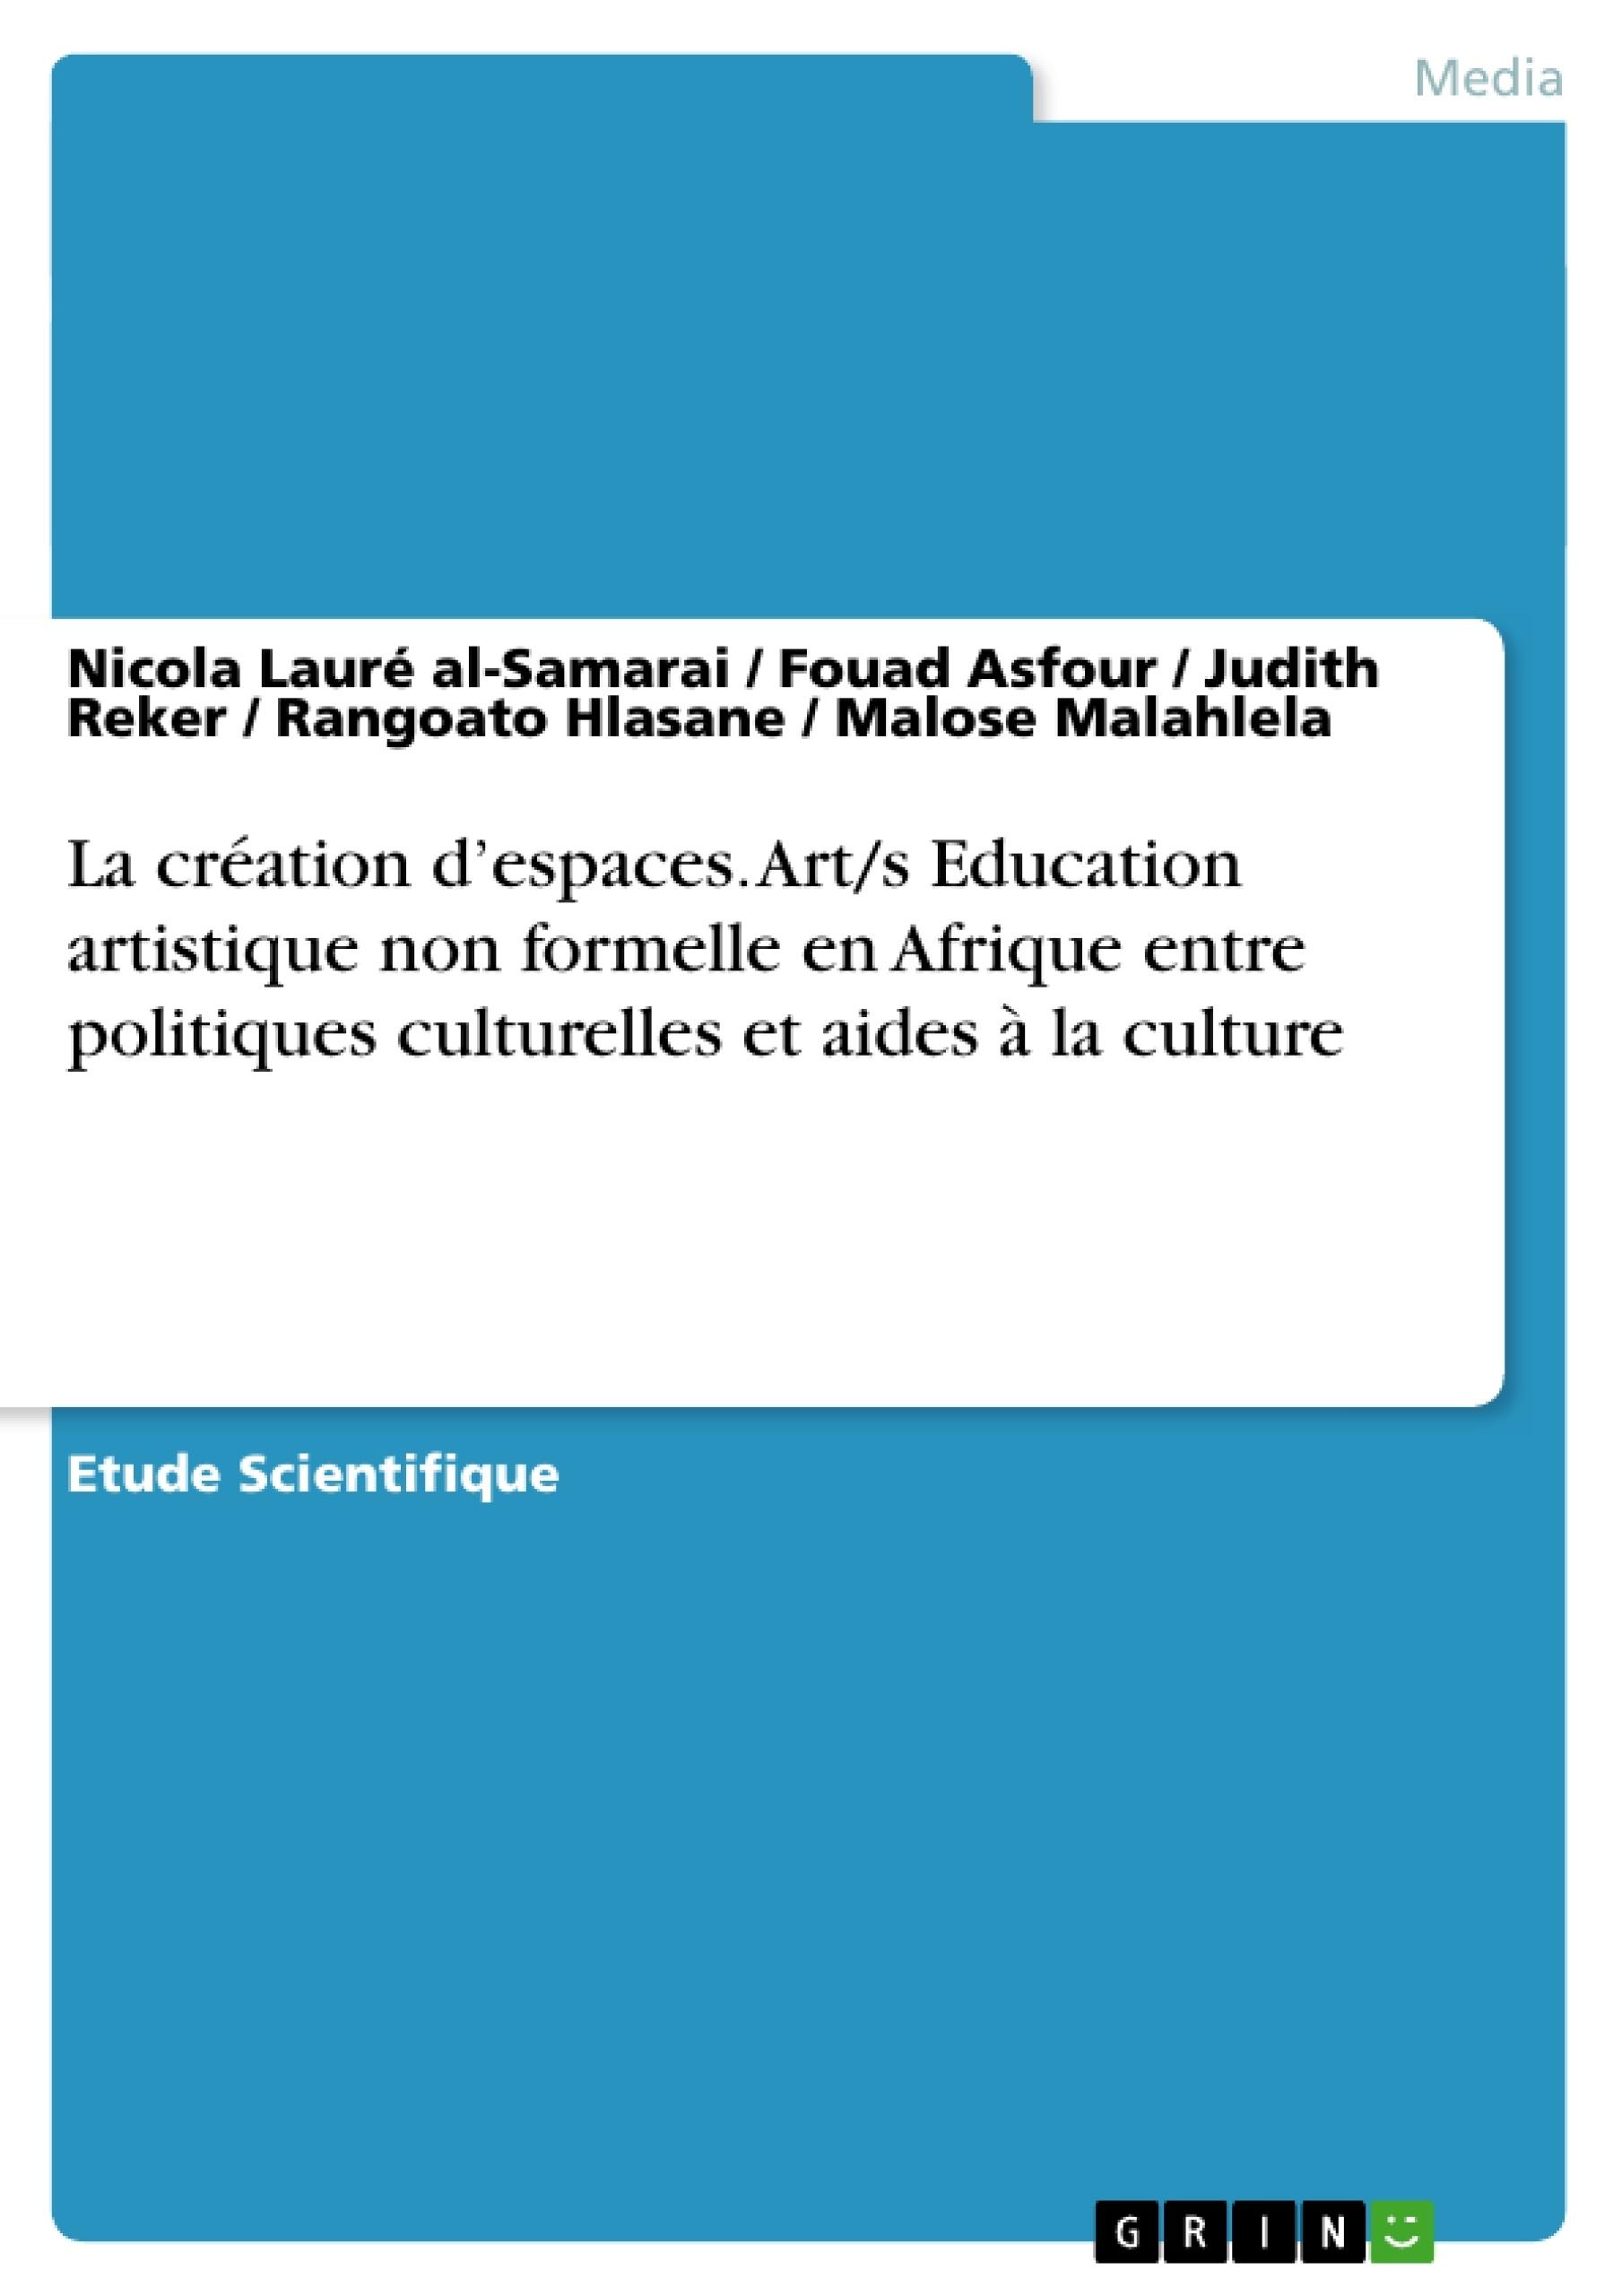 Titre: La création d'espaces. Art/s Education artistique non formelle en Afrique entre politiques culturelles et aides à la culture